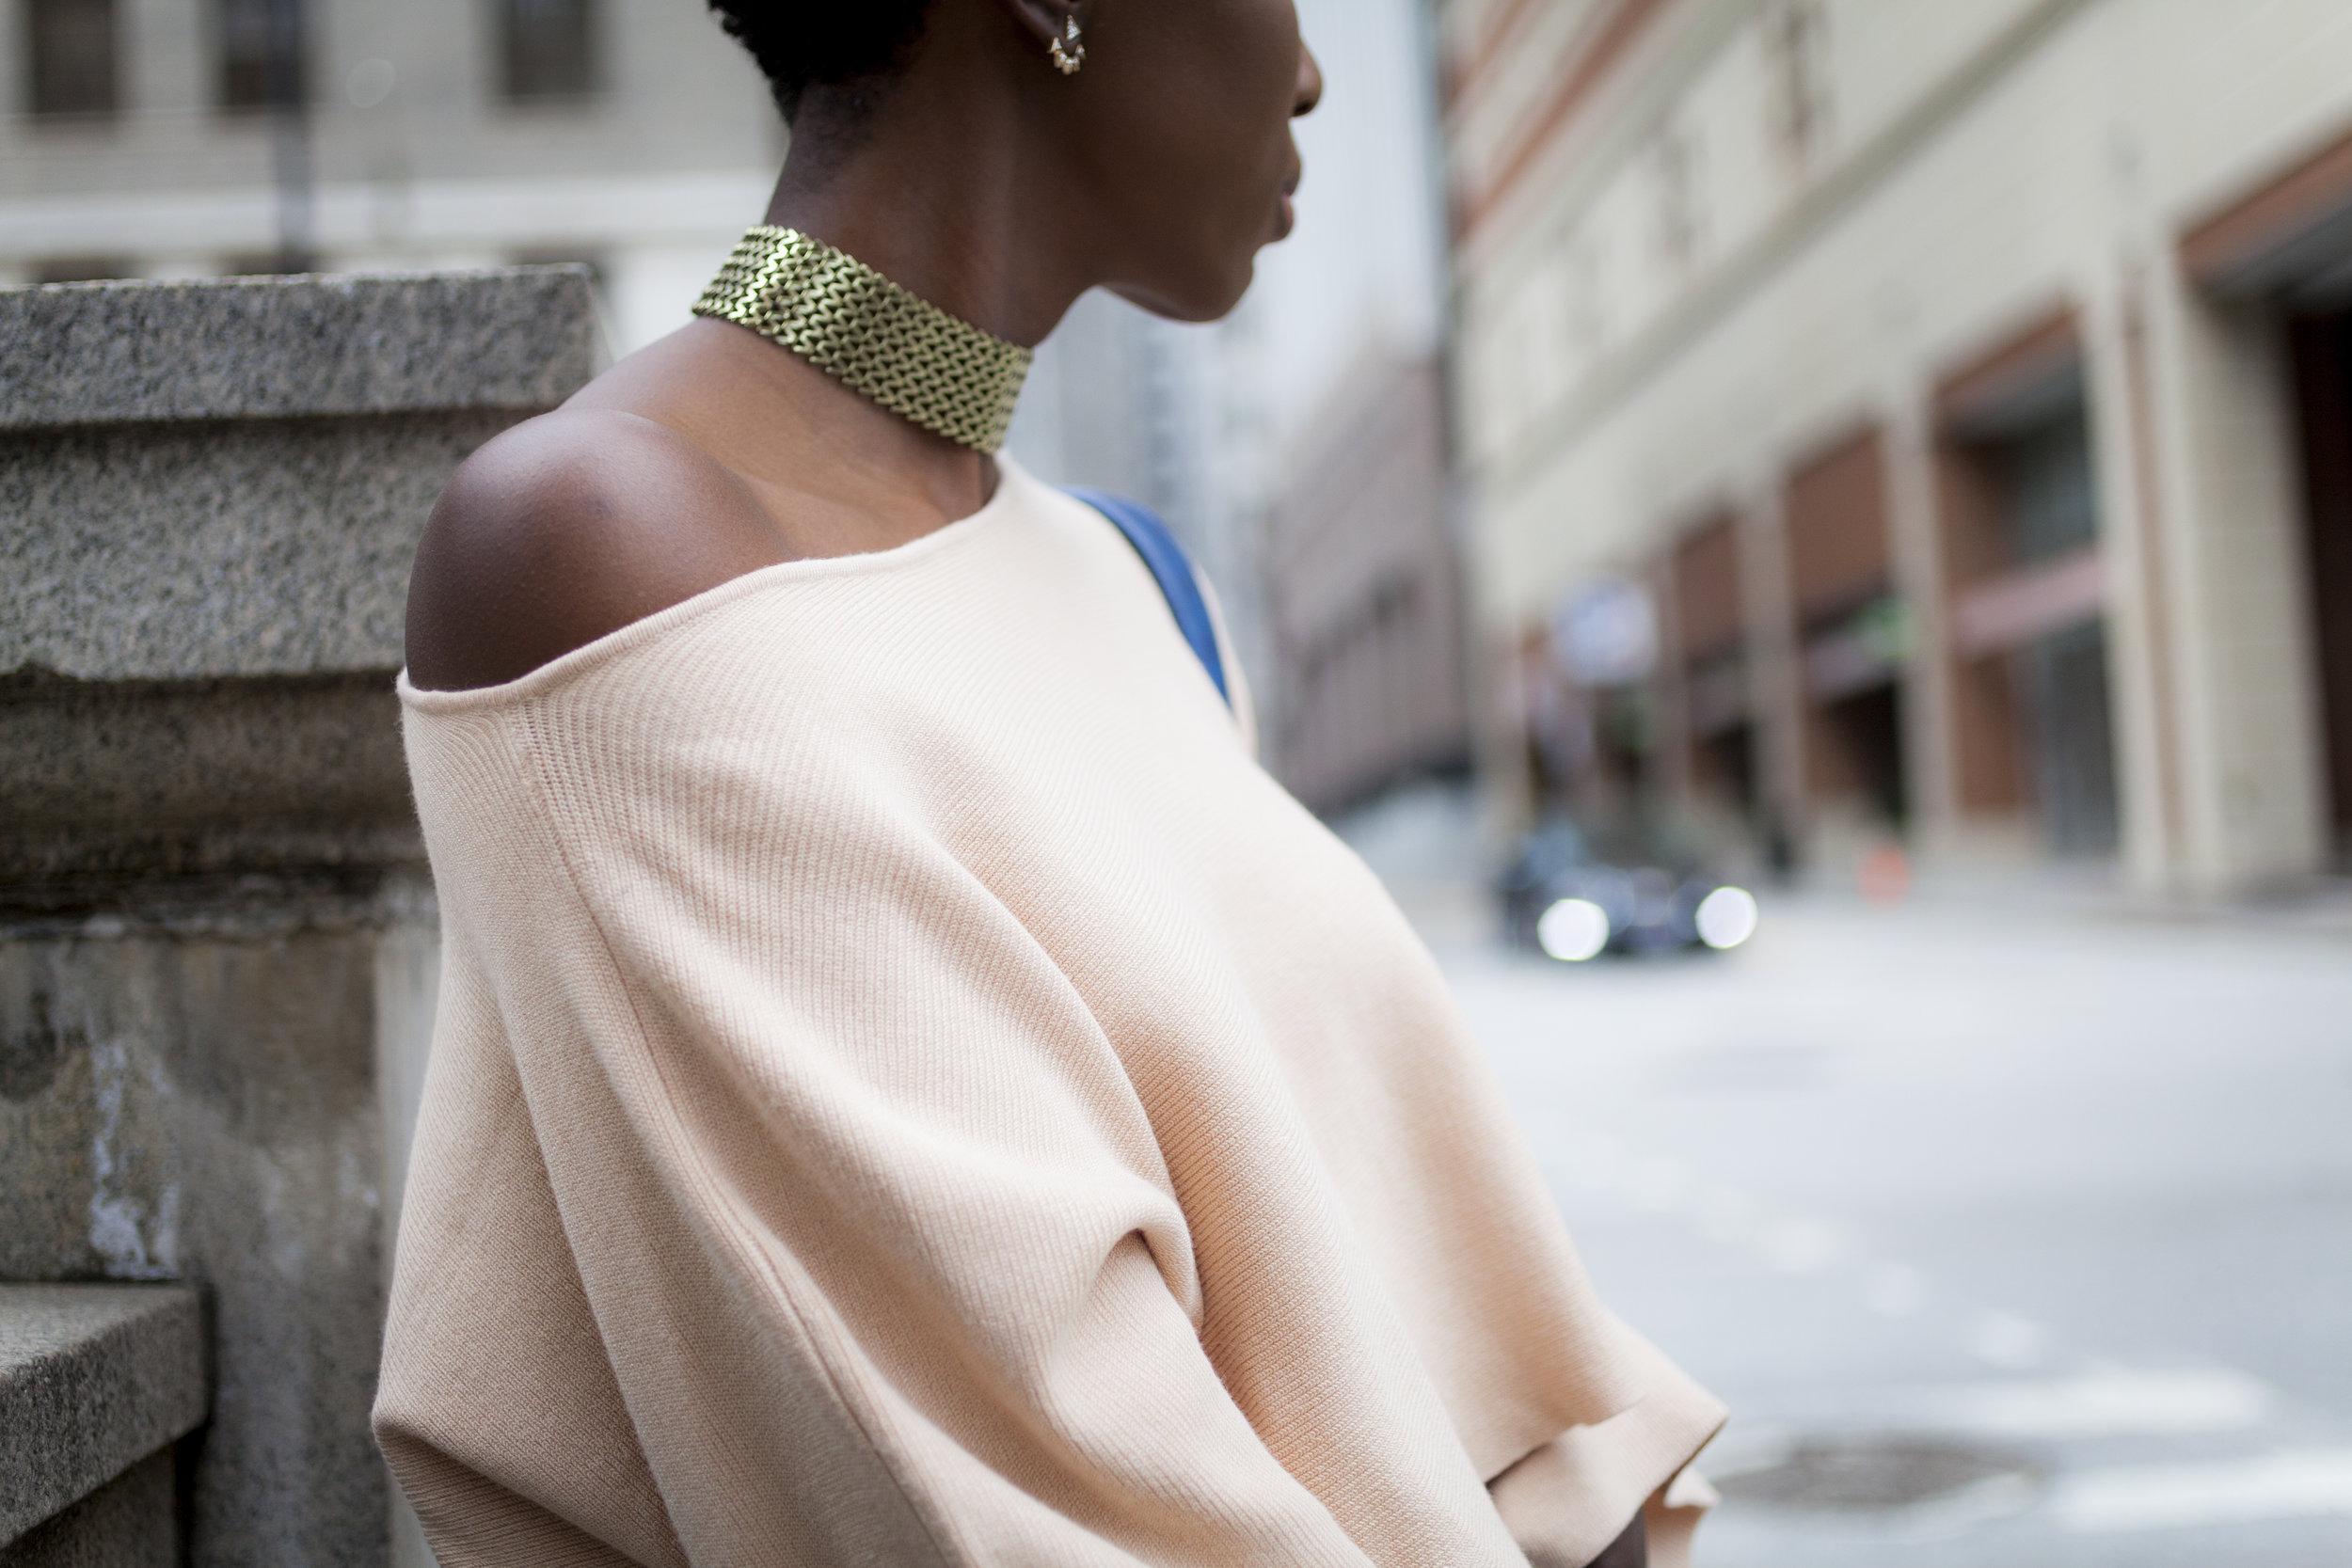 Dayna-Bolden-zara-off-the-shoulder-top-detail-sleeves-zara-patched-denim-jeans-20.jpg